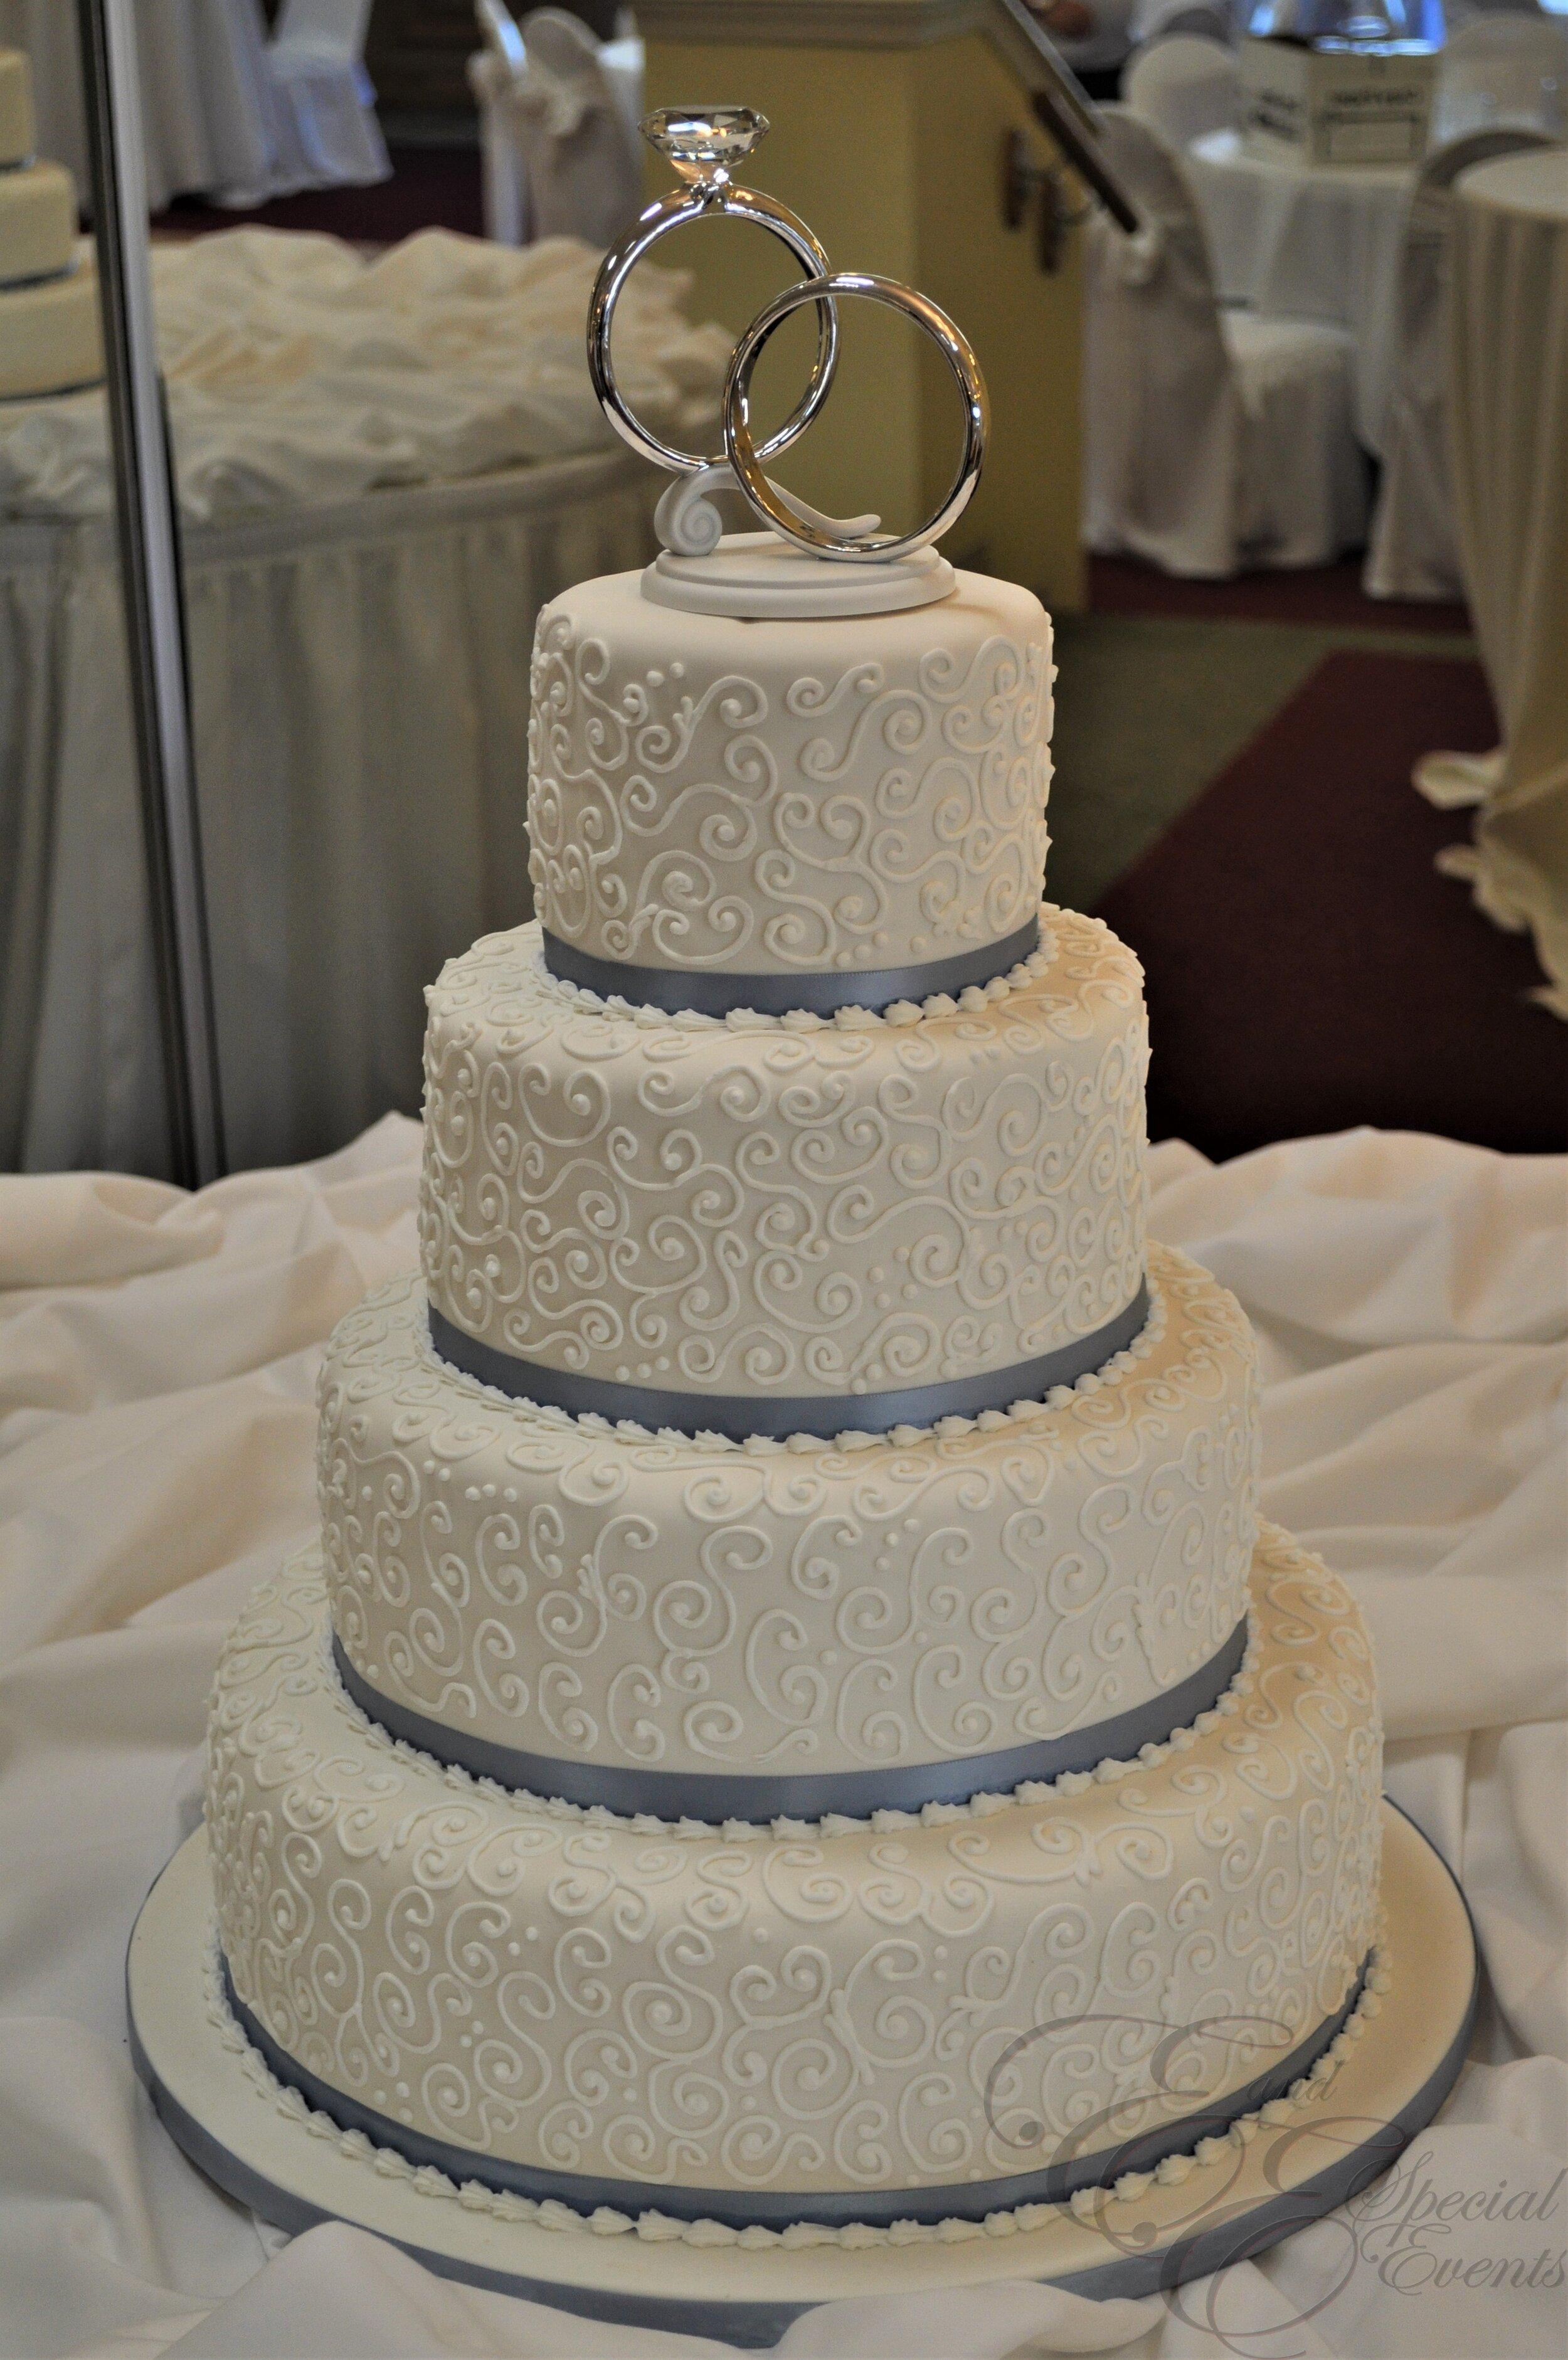 E_E_Special_Events_Wedding_Cakes_Virginia_Beach_Hampton_Roads_Simple_Designs18.jpg